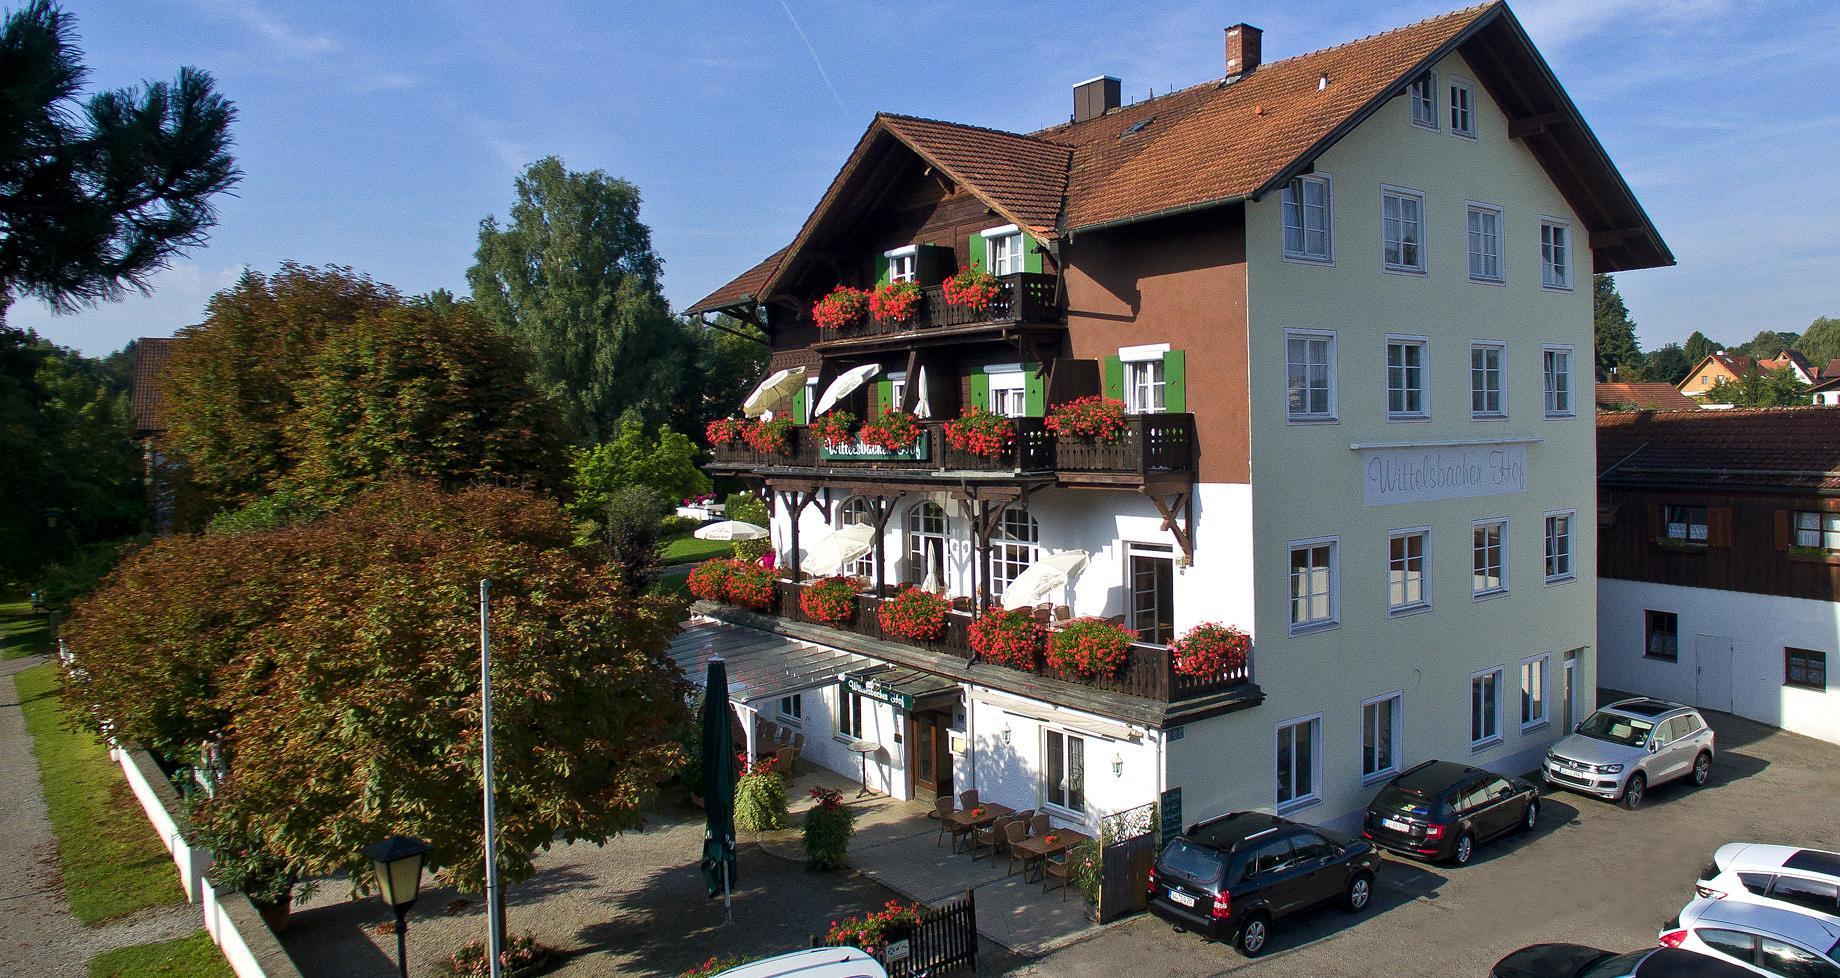 Hotel Wittelsbacher Hof Utting Am Ammersee